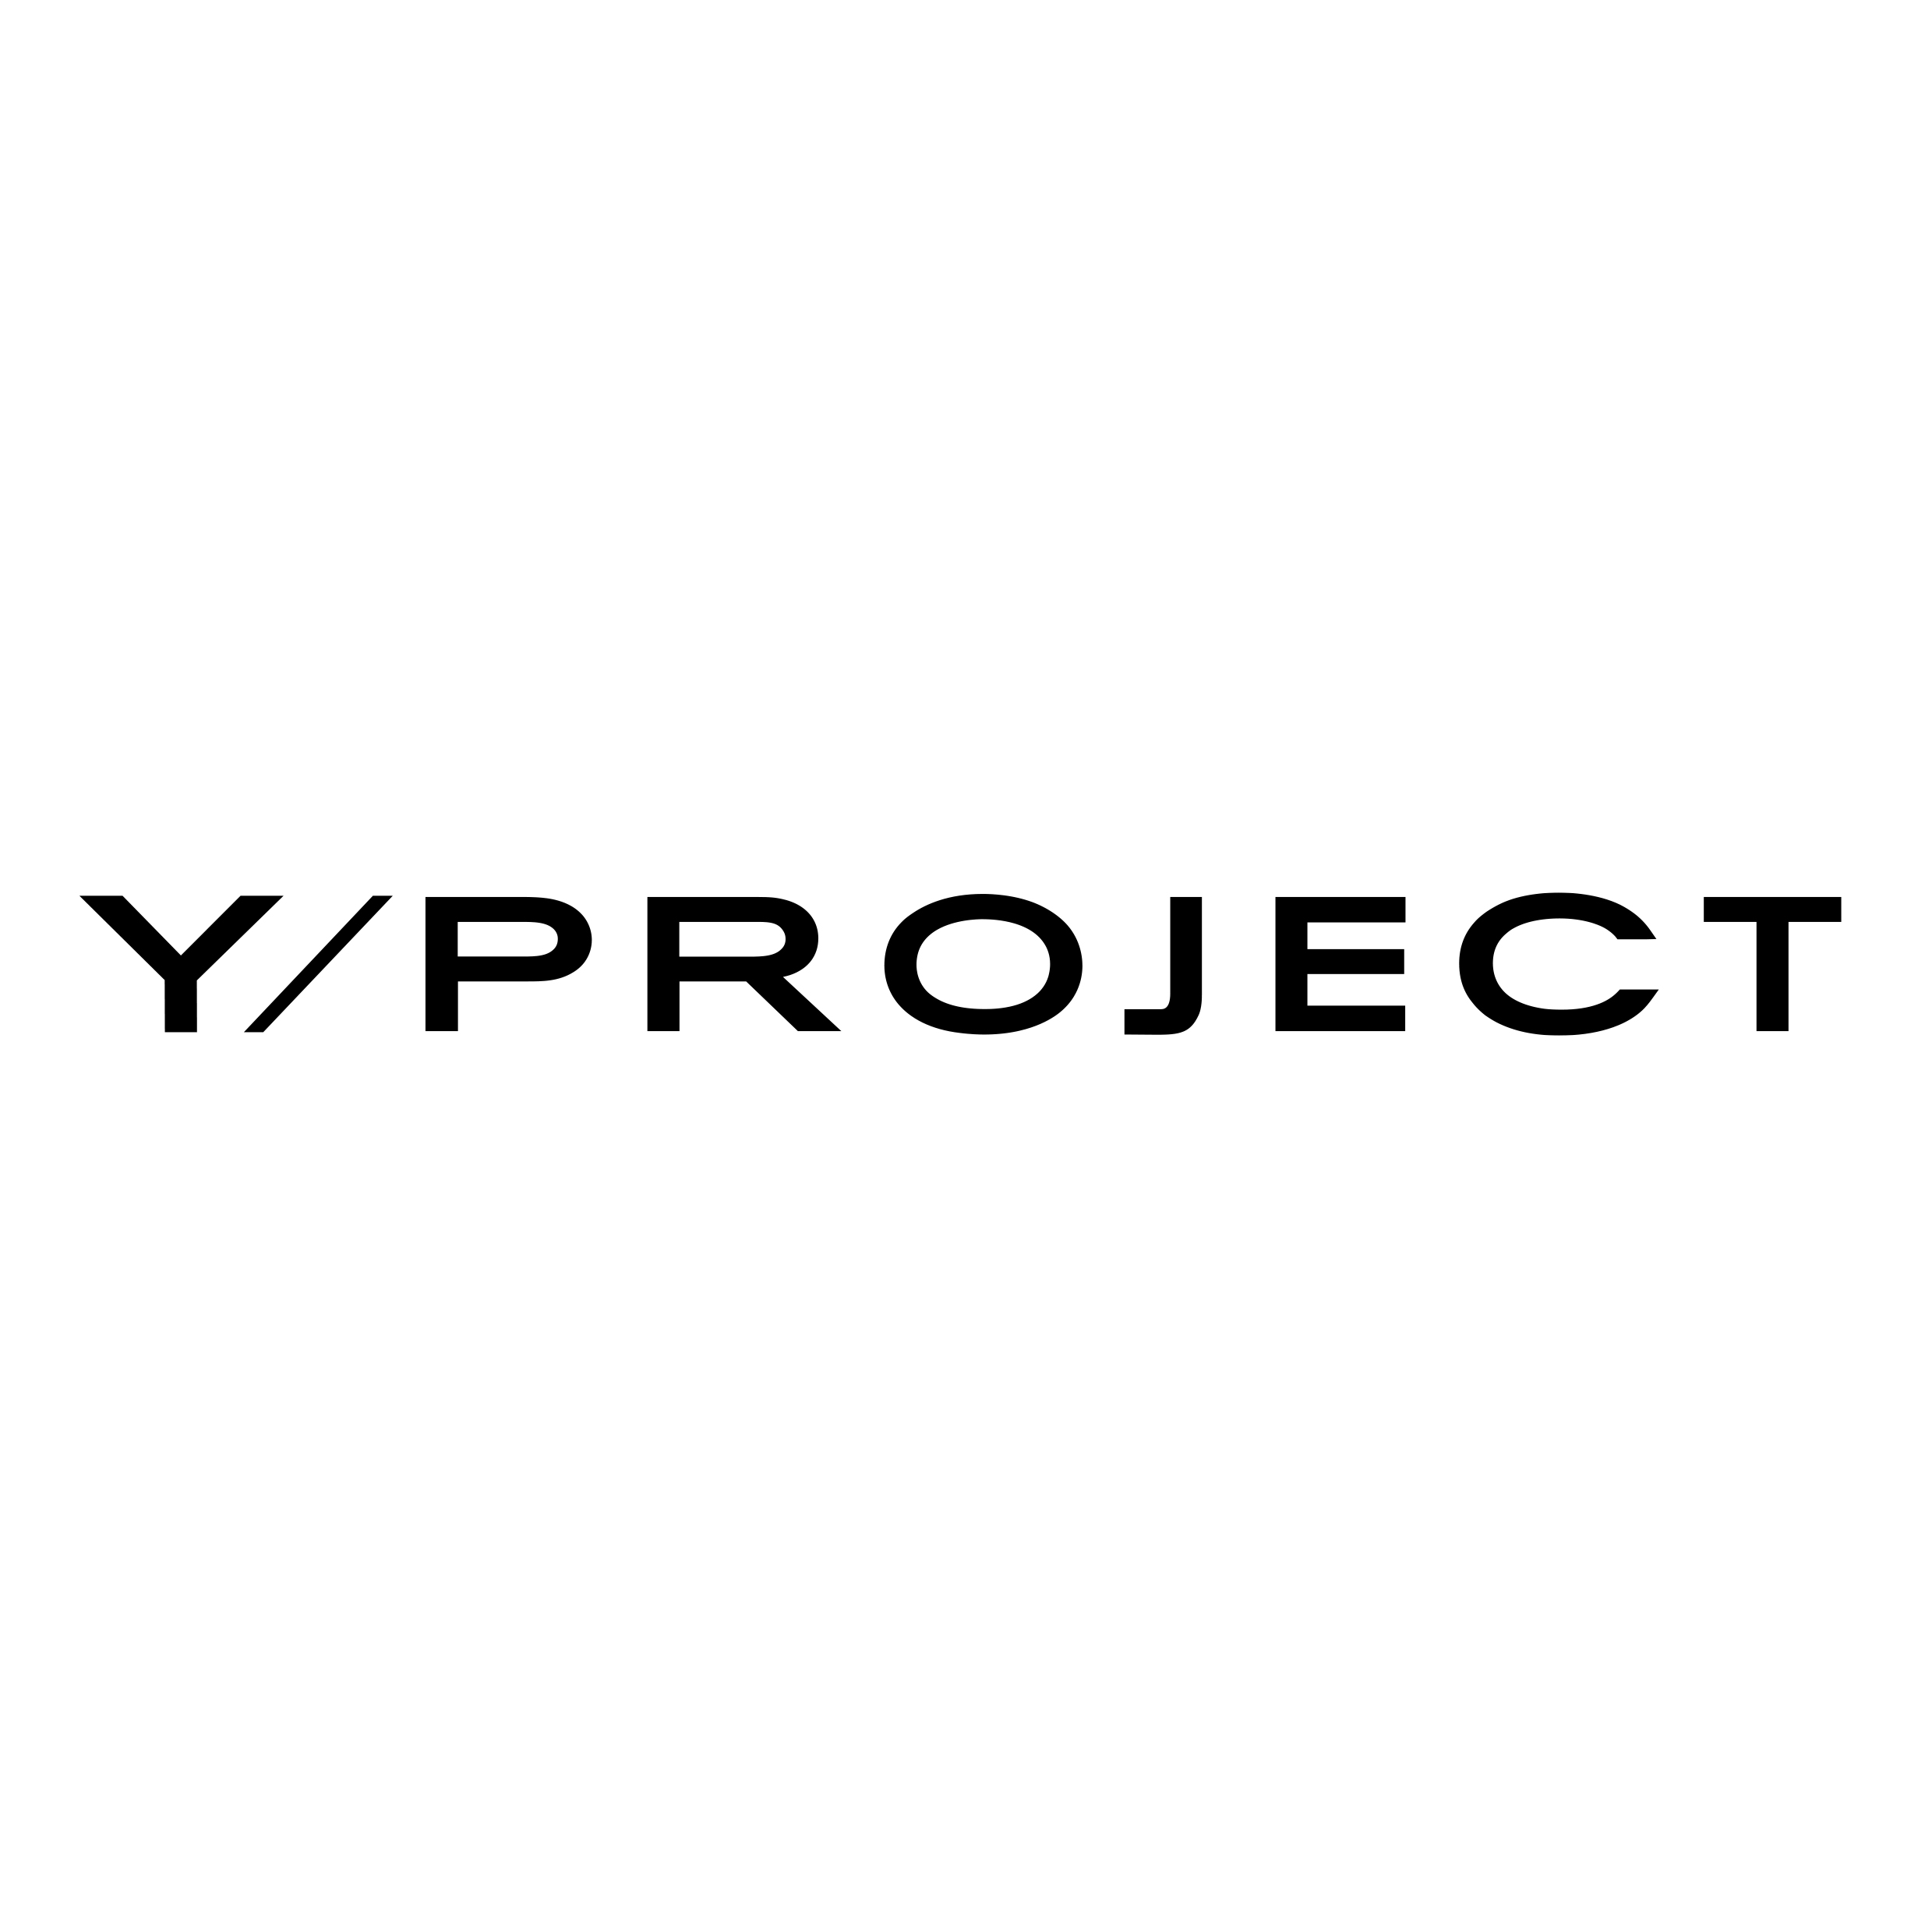 Y Project